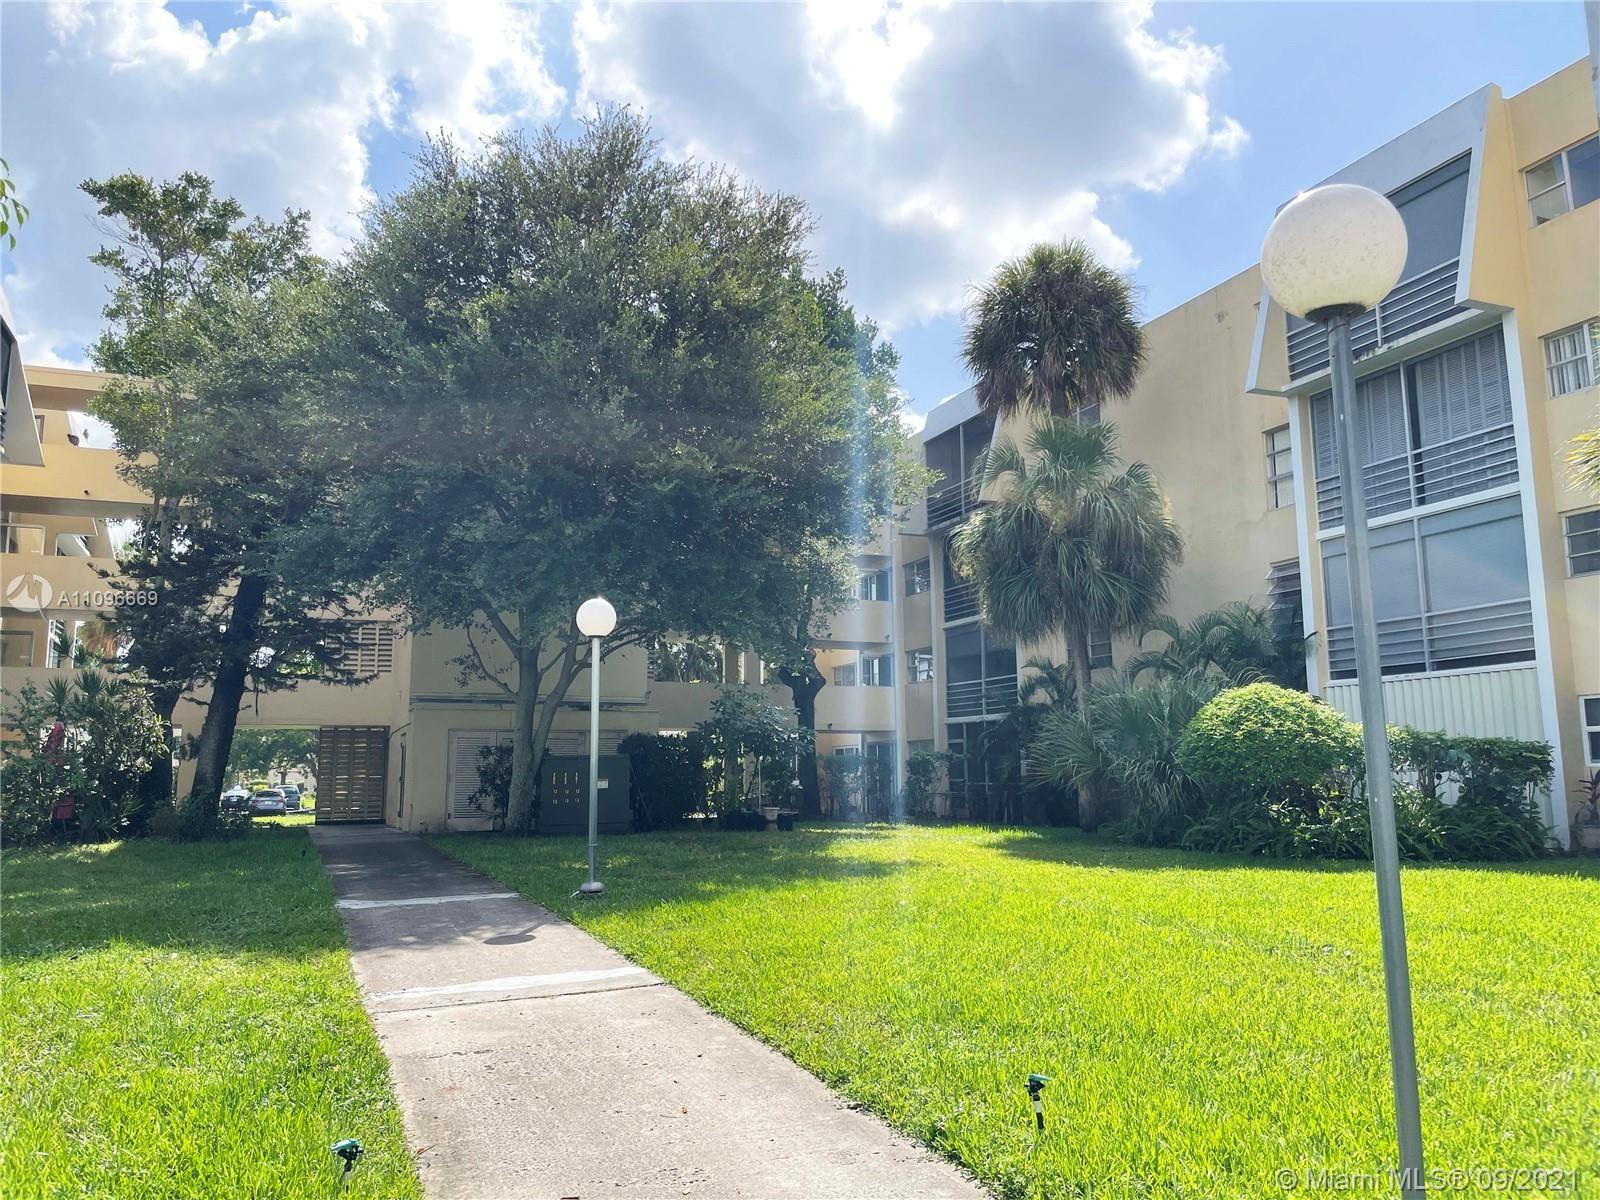 922 NE 199th St #106, Miami, FL 33179 - #: A11096669